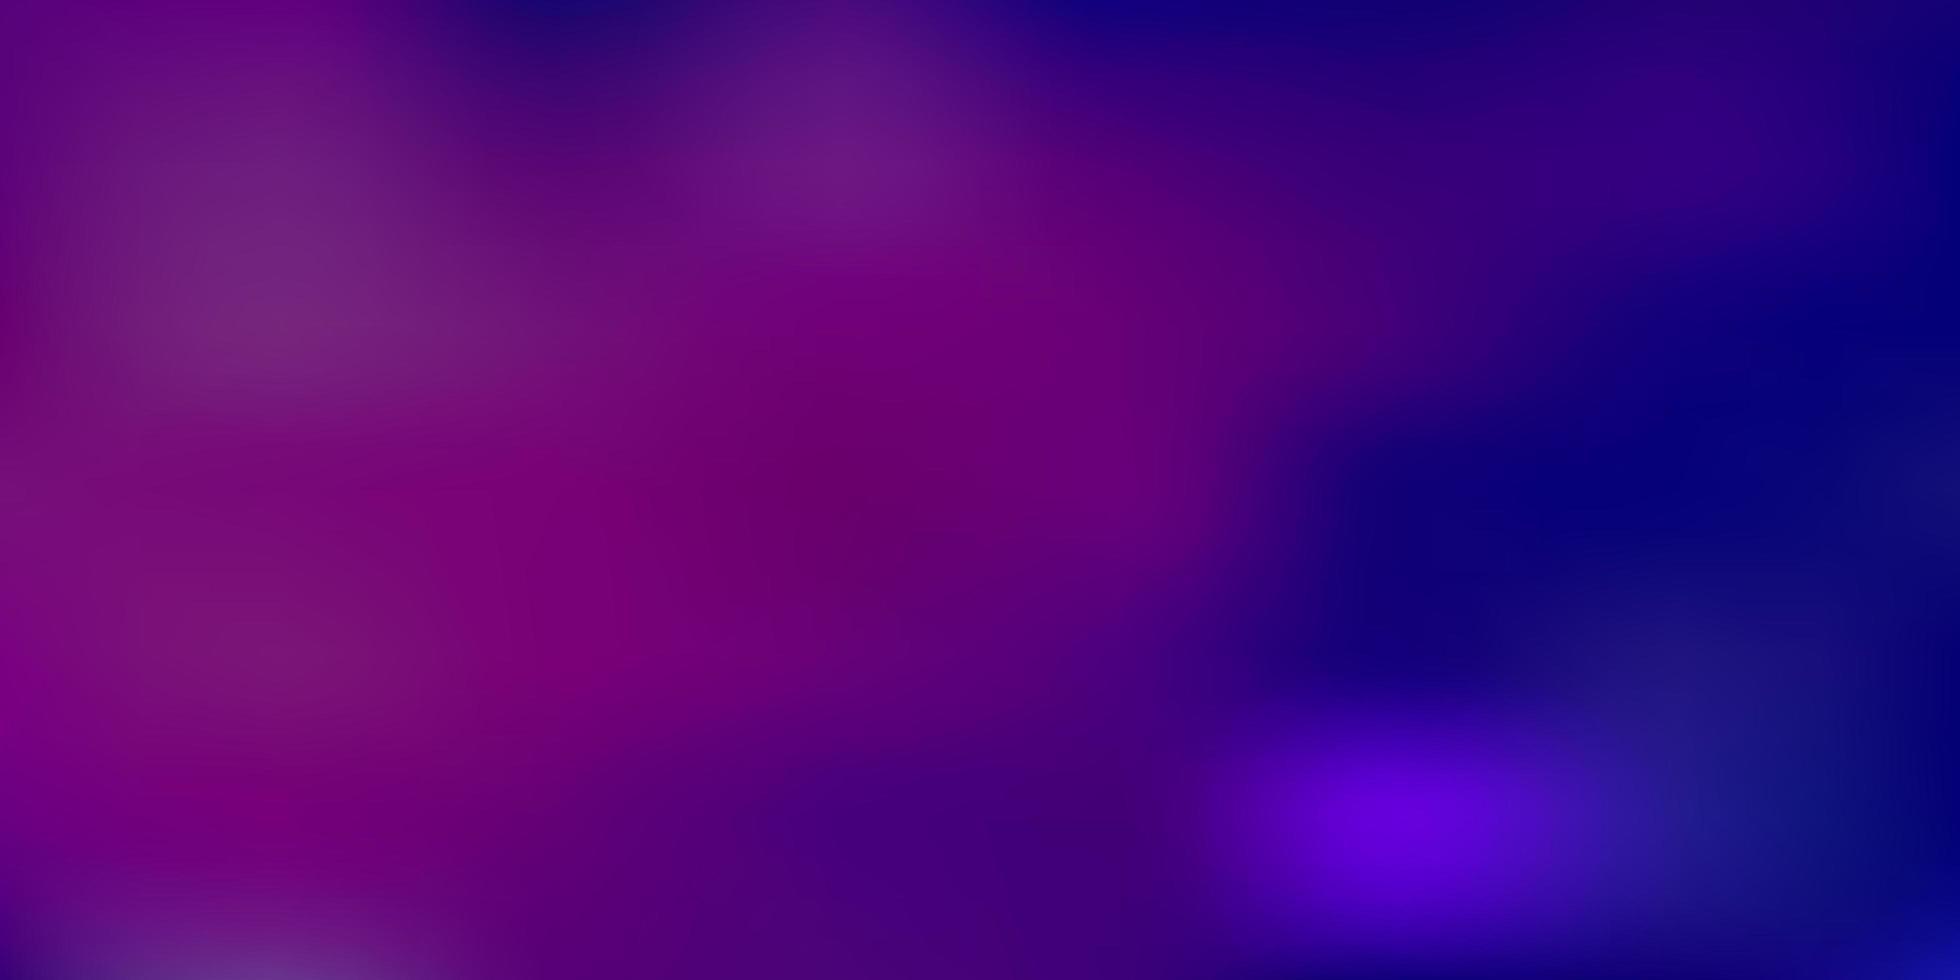 hellrosa, blauer Vektor verwischen Hintergrund.